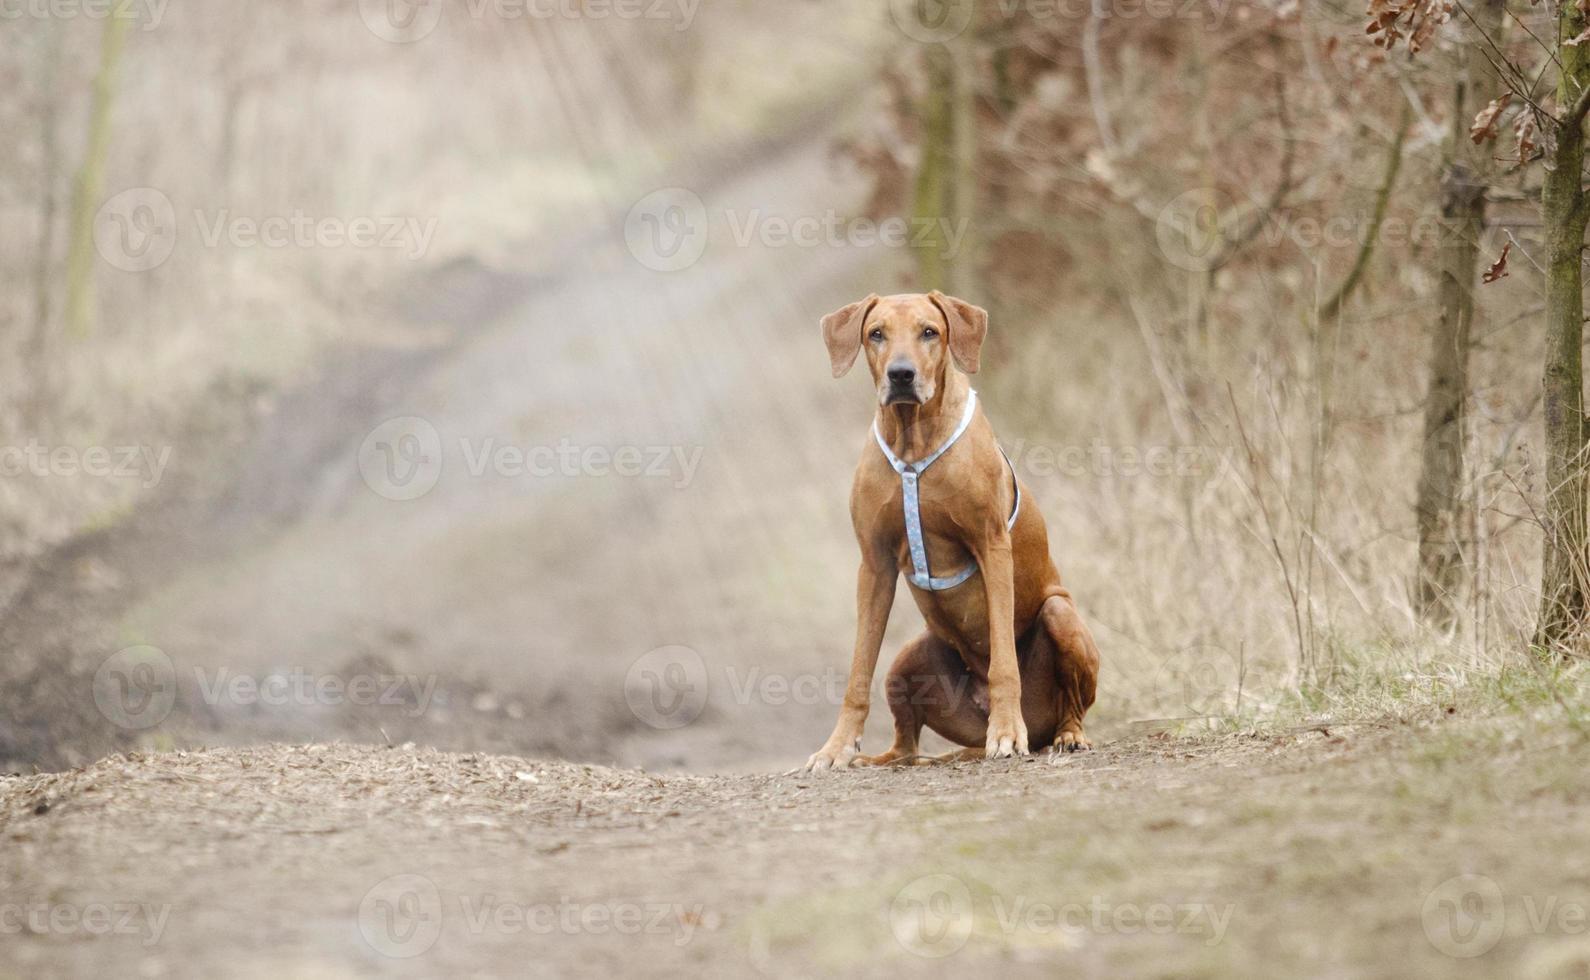 ansia rhodesian ridgeback cucciolo di cane seduto in primavera sfondo foto